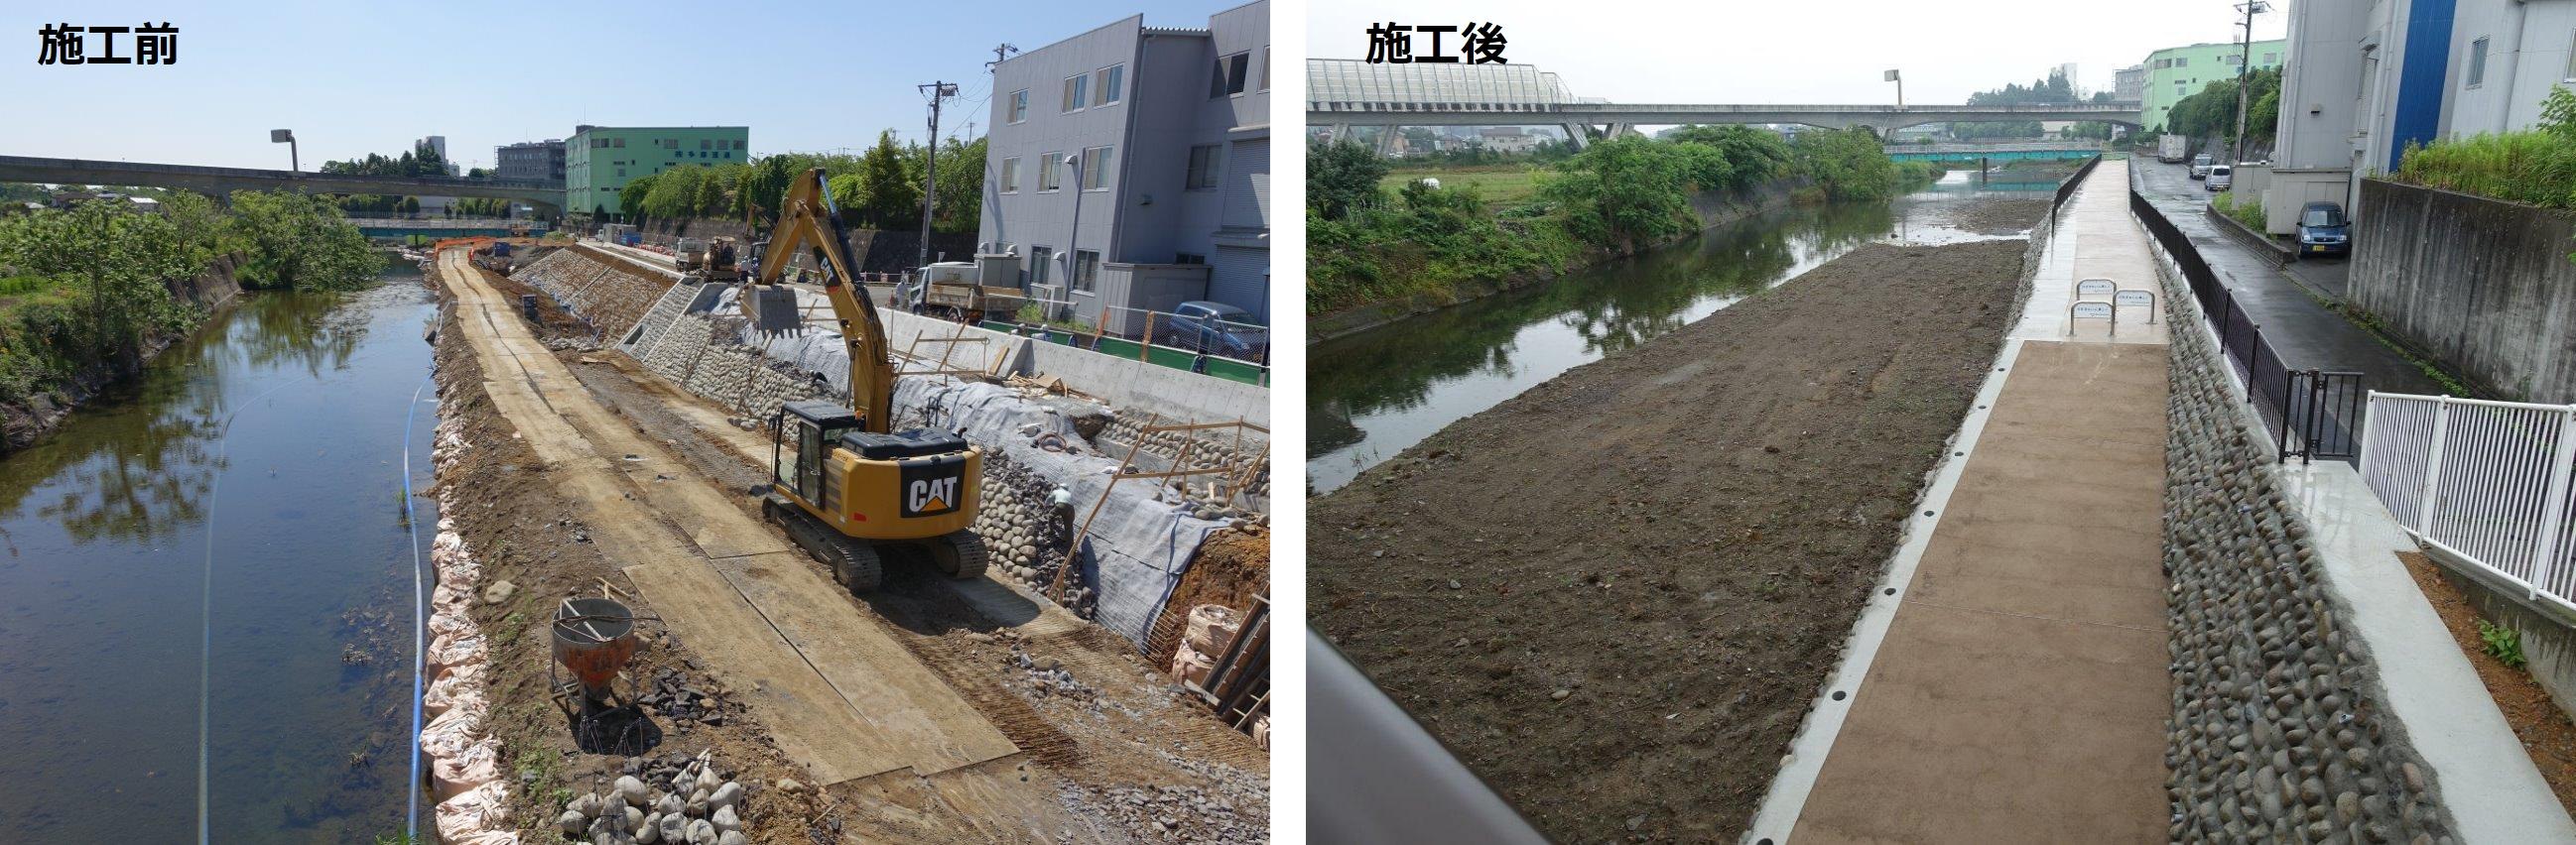 平井川整備工事(その36)